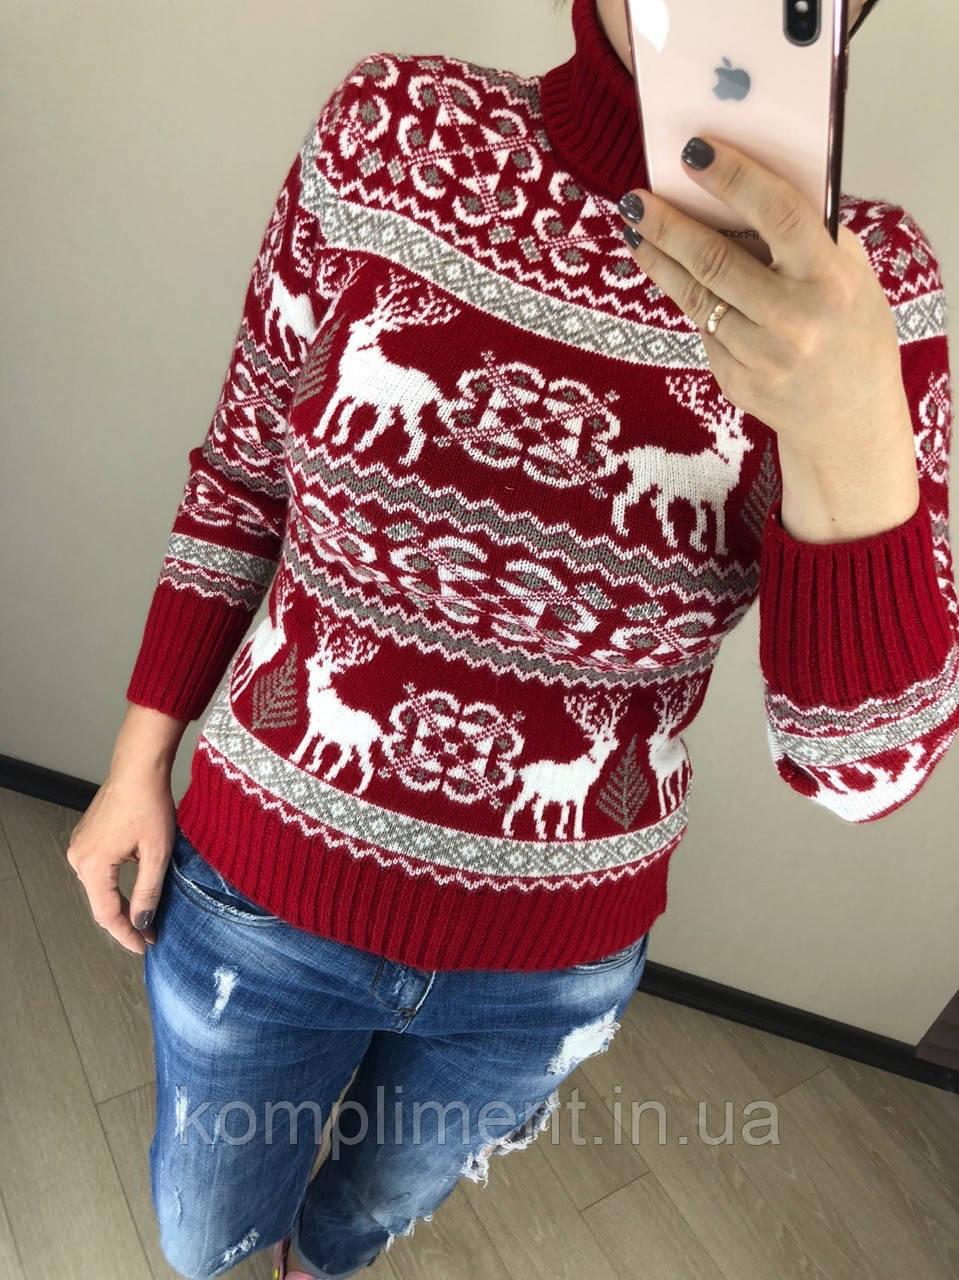 Шерстяной зимний турецкий свитер с рисунком, красный